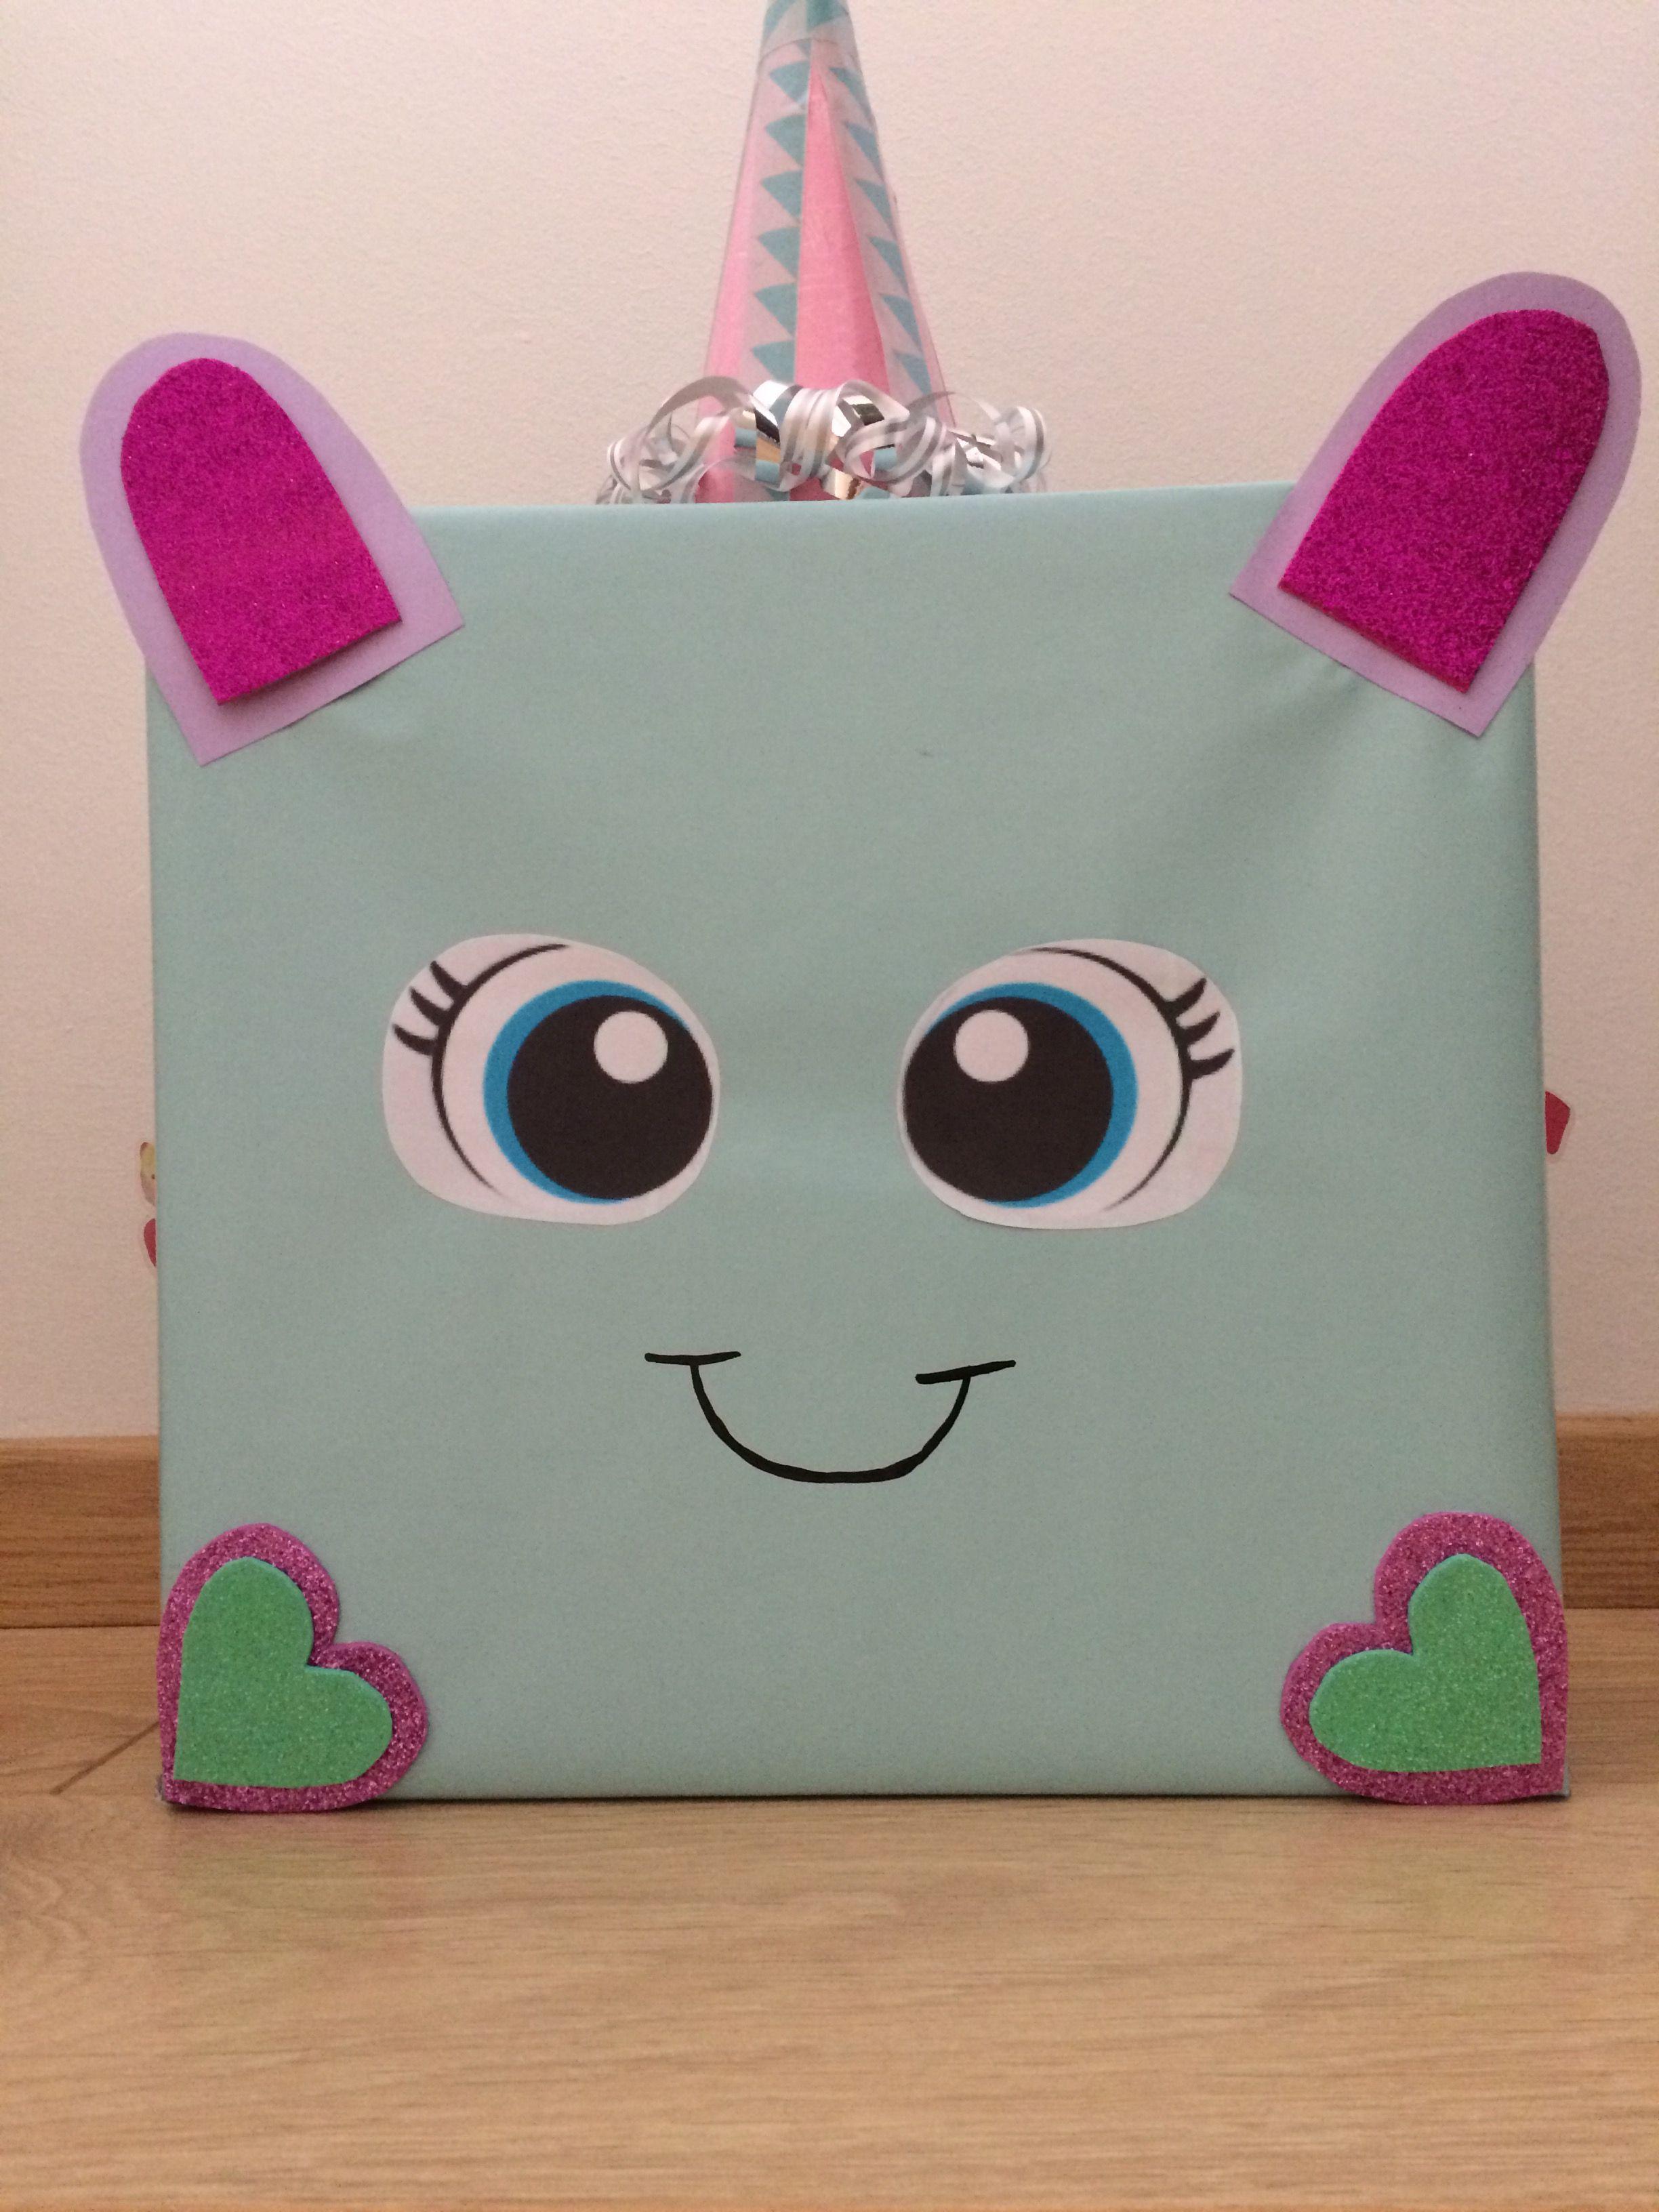 Verbazingwekkend Leuke surprise voor een meisje #unicorn #eenhoorn #suprise (met LP-64